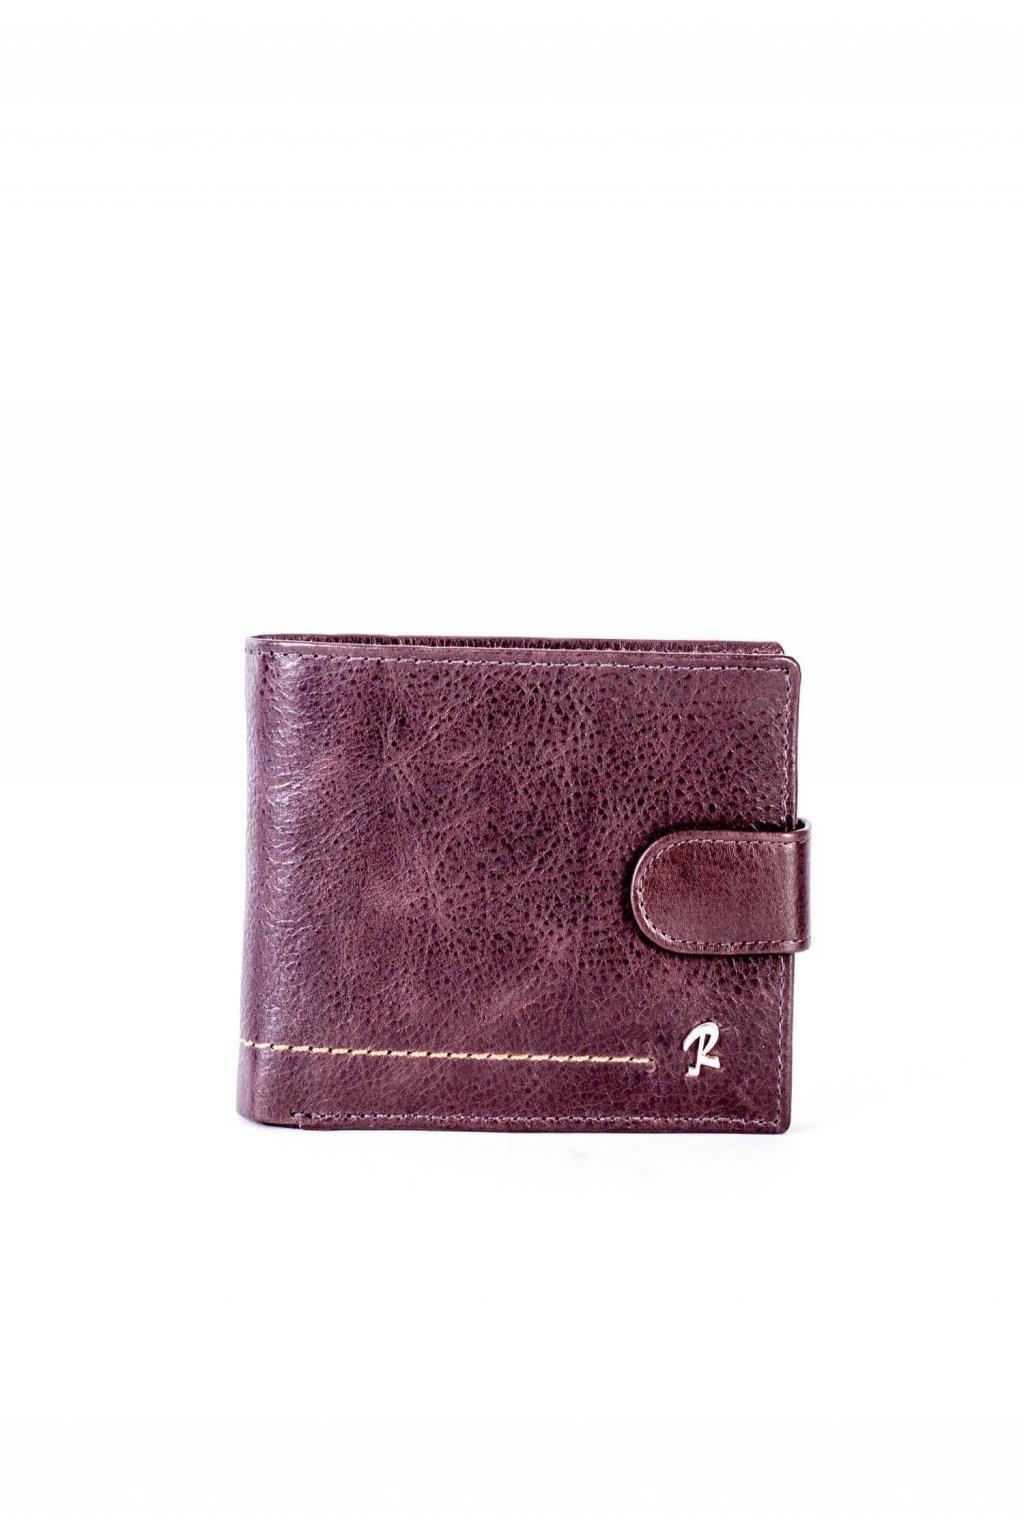 Hnedá pánska peňaženka